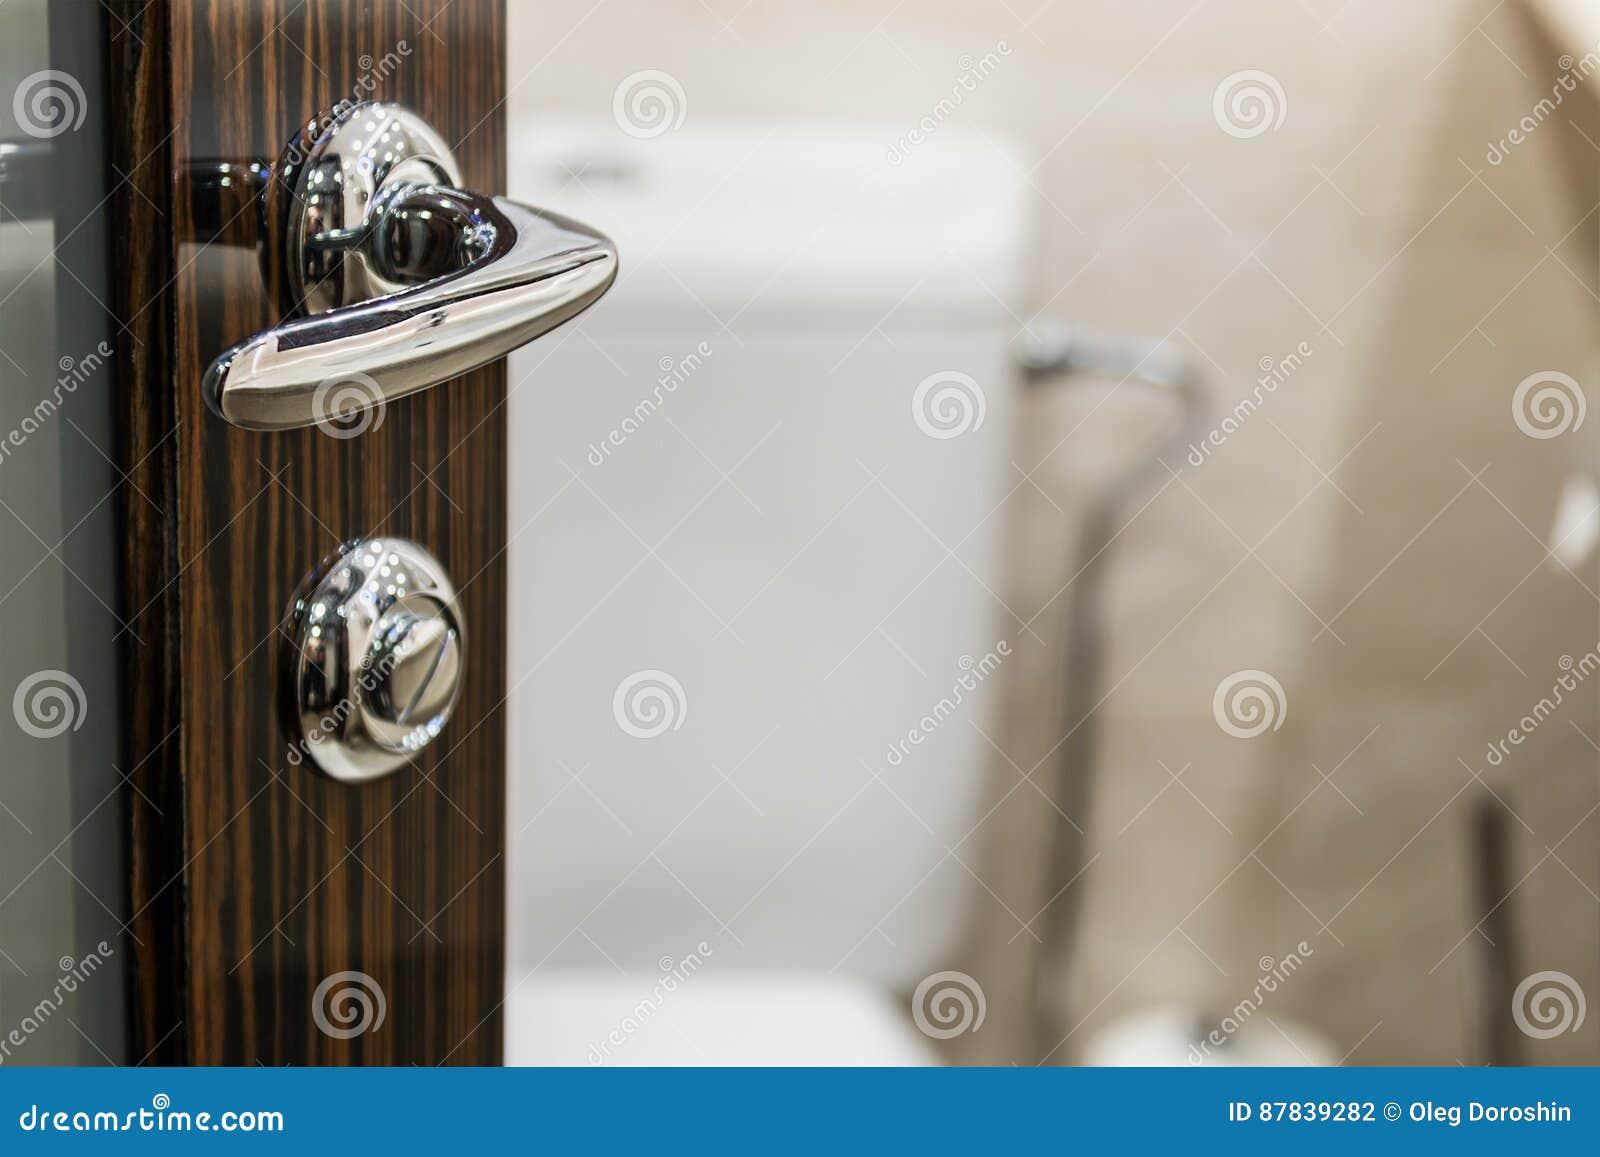 Öffnen Sie Die Tür Ins Badezimmer Stockfoto